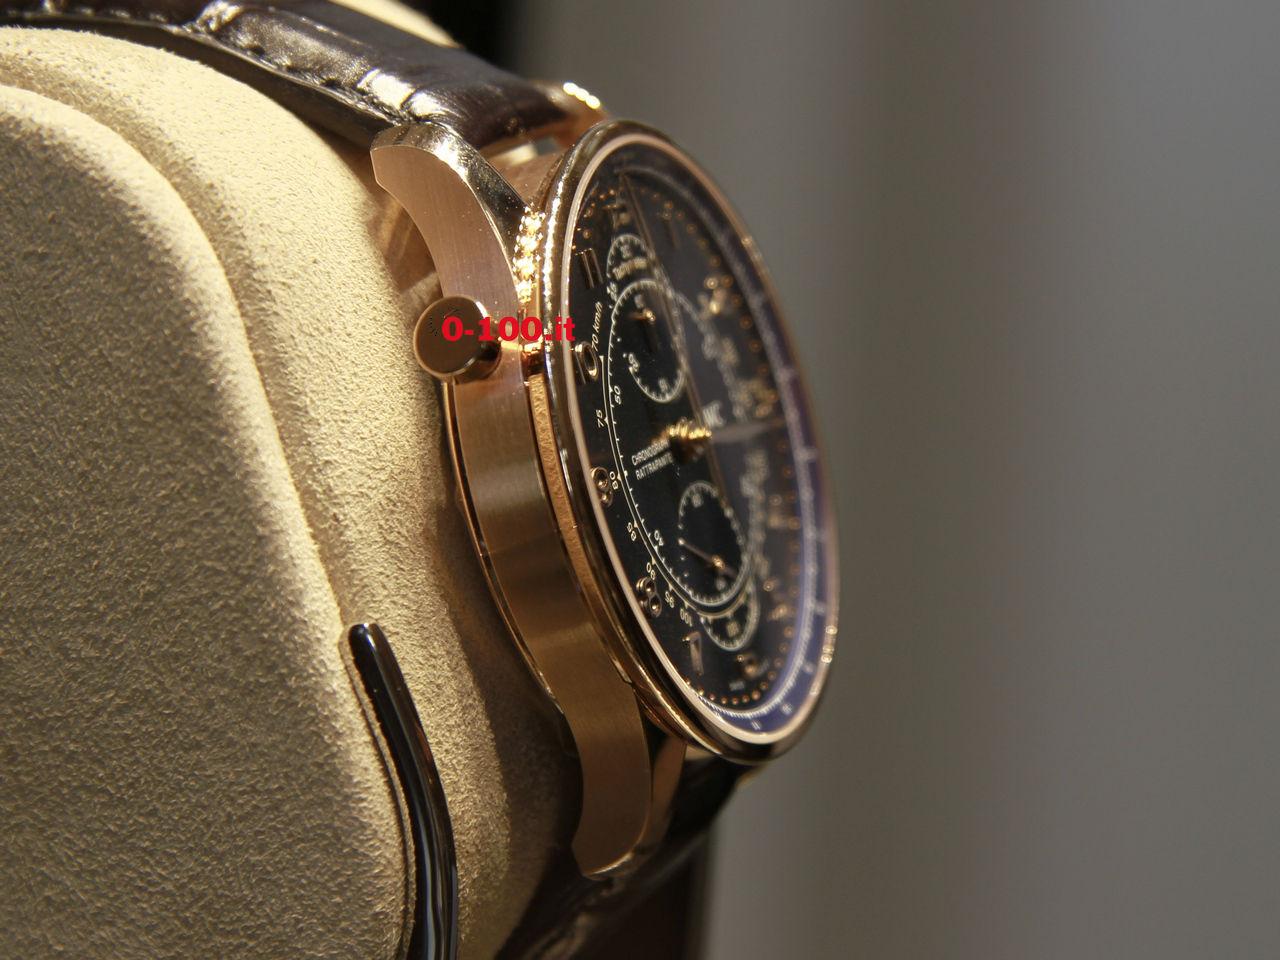 iwc-portugieser-chronograph-rattrapante-edition-boutique-milano_0-100_9